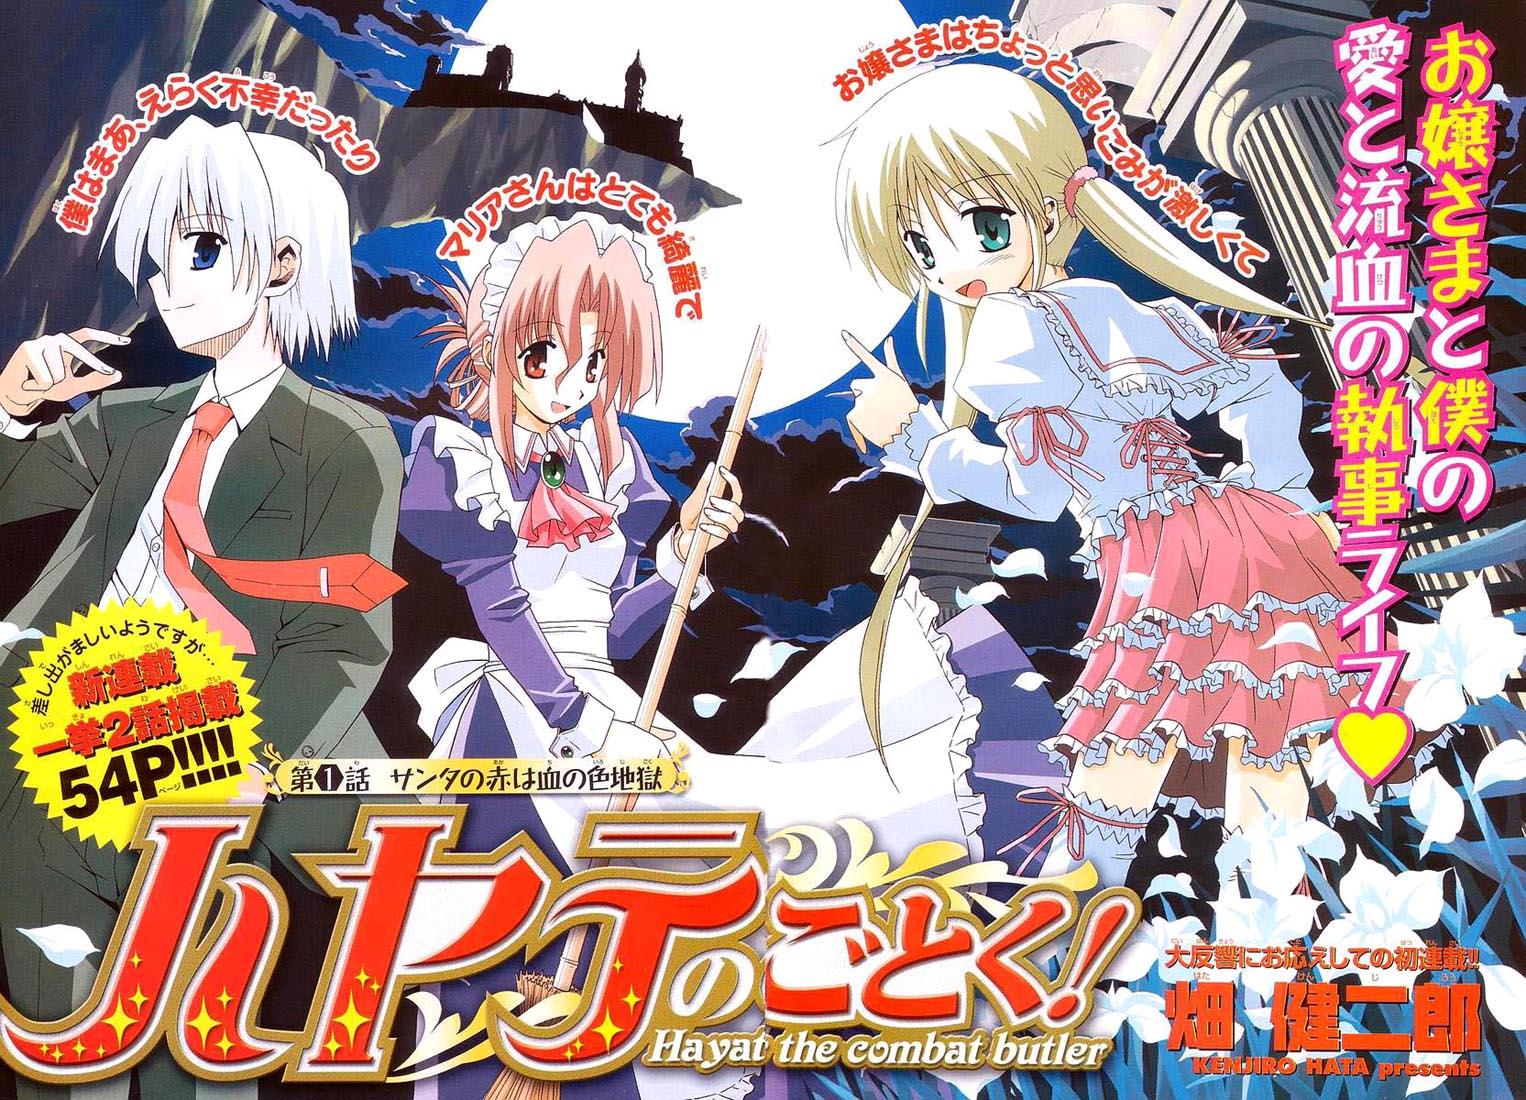 ayasaki_hayate hayate_no_gotoku maid male maria_(hayate_no_gotoku) sanzenin_nagi